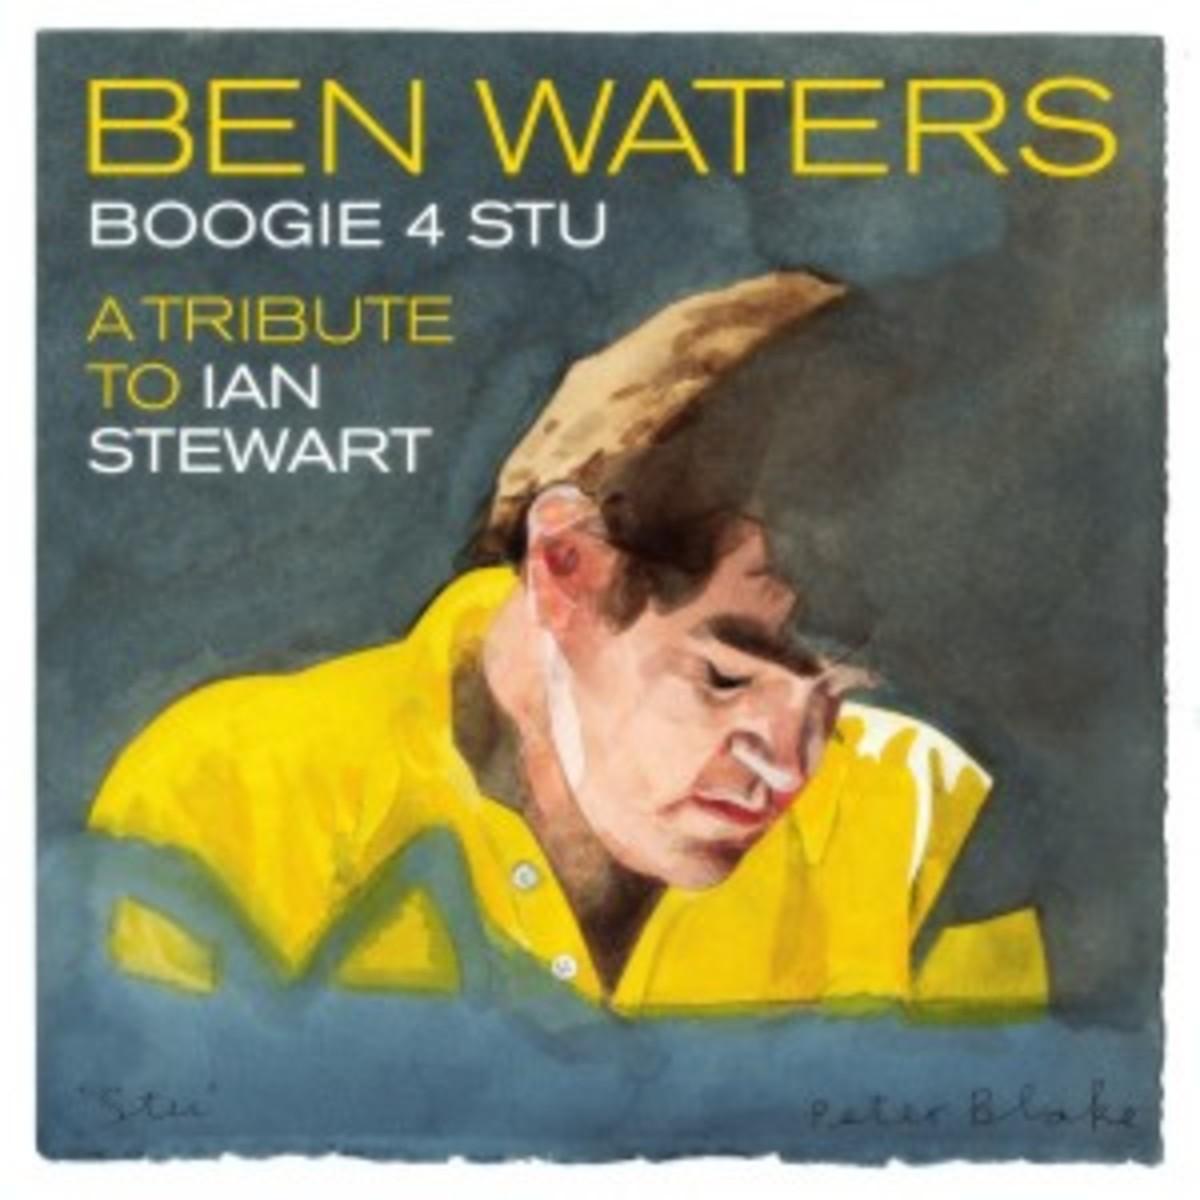 Ben Waters Boogie 4 Stu A Tribute to Ian Stewart